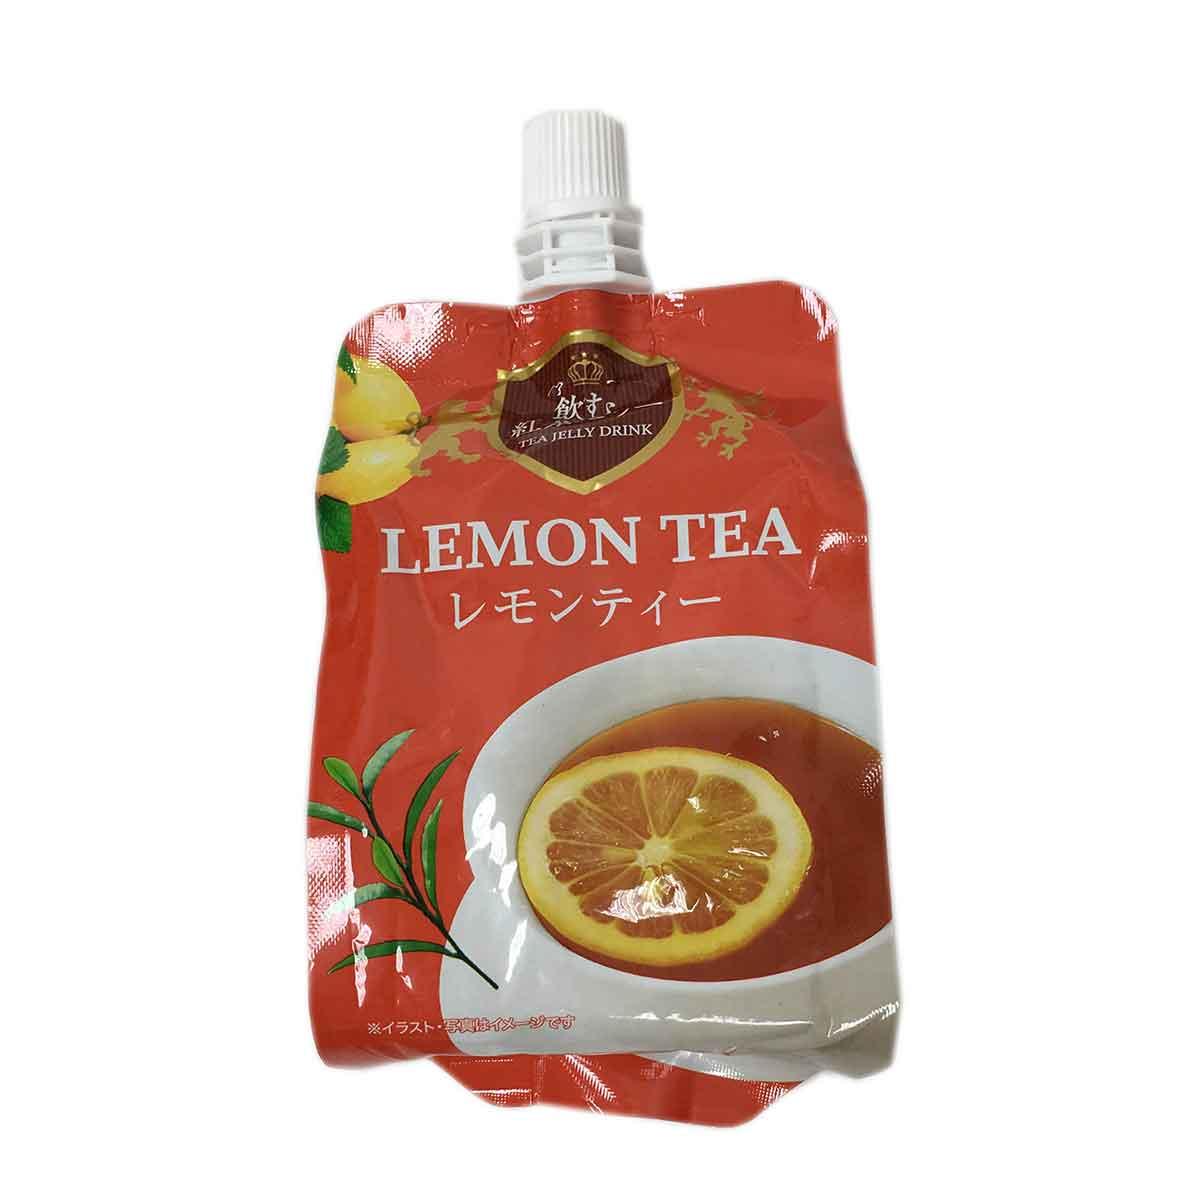 檸檬紅茶風味吸凍飲 LEMON TEA 日本進口製造